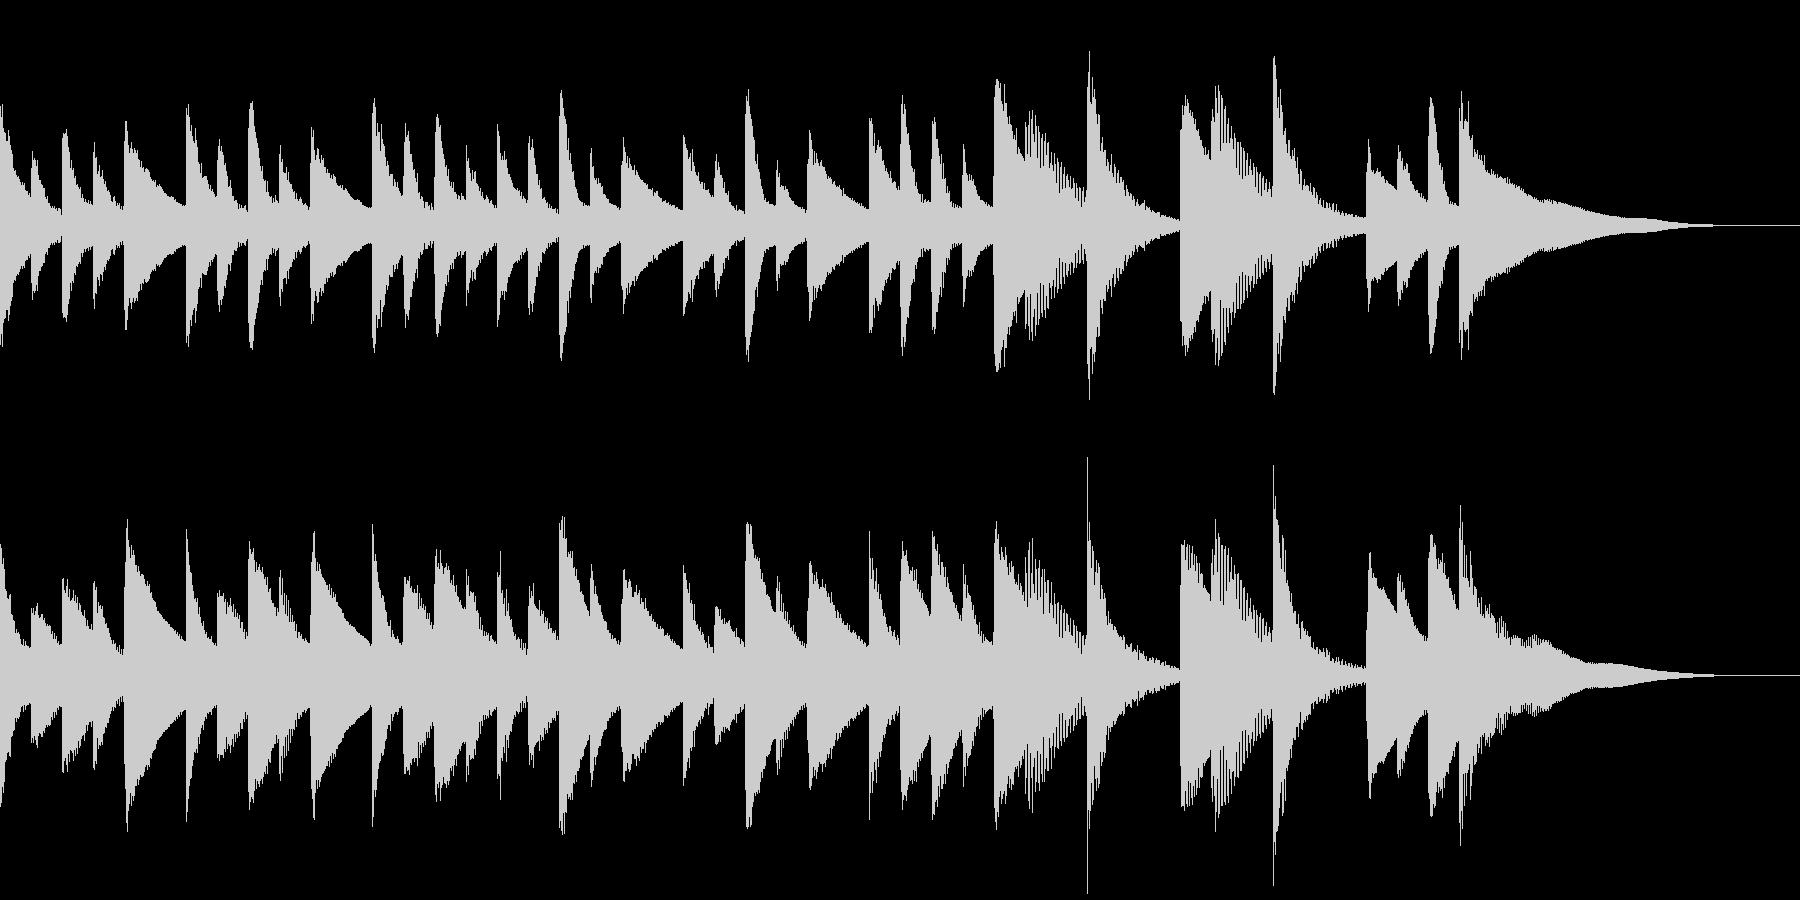 ほのぼのとしたジングルBGMの未再生の波形